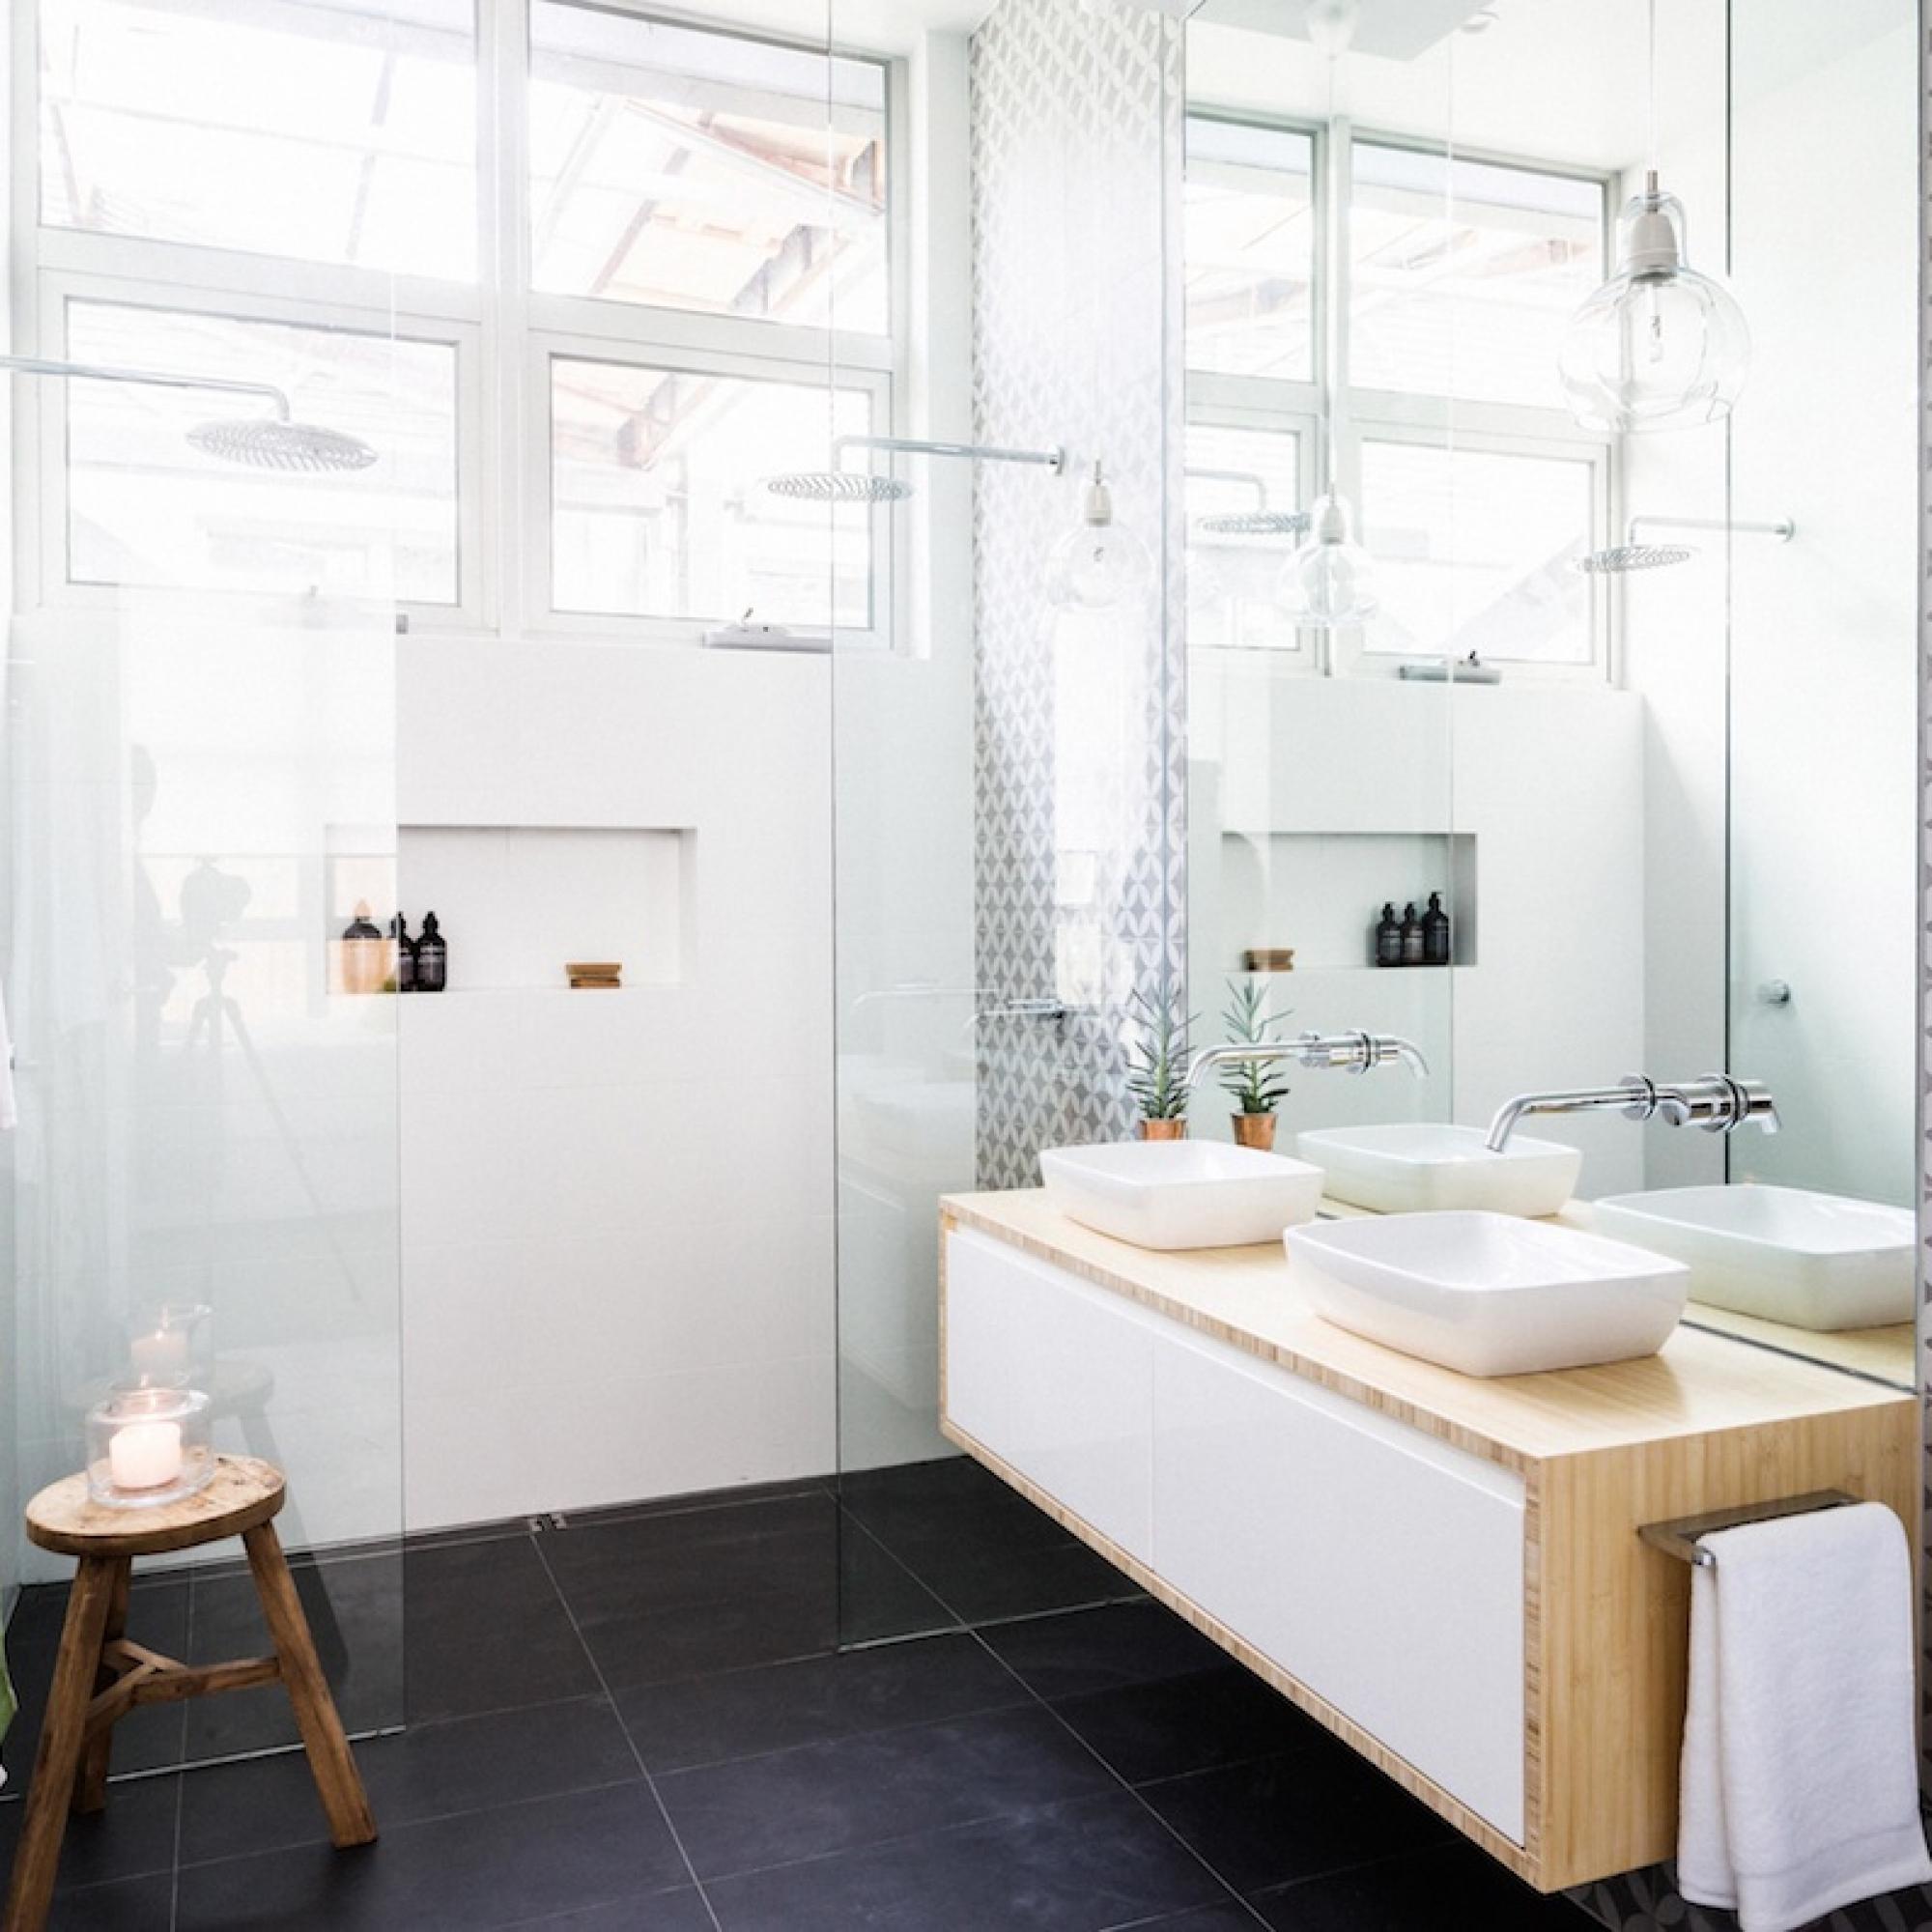 Inspirerende badkamerverbouwing van Darren & Deanne